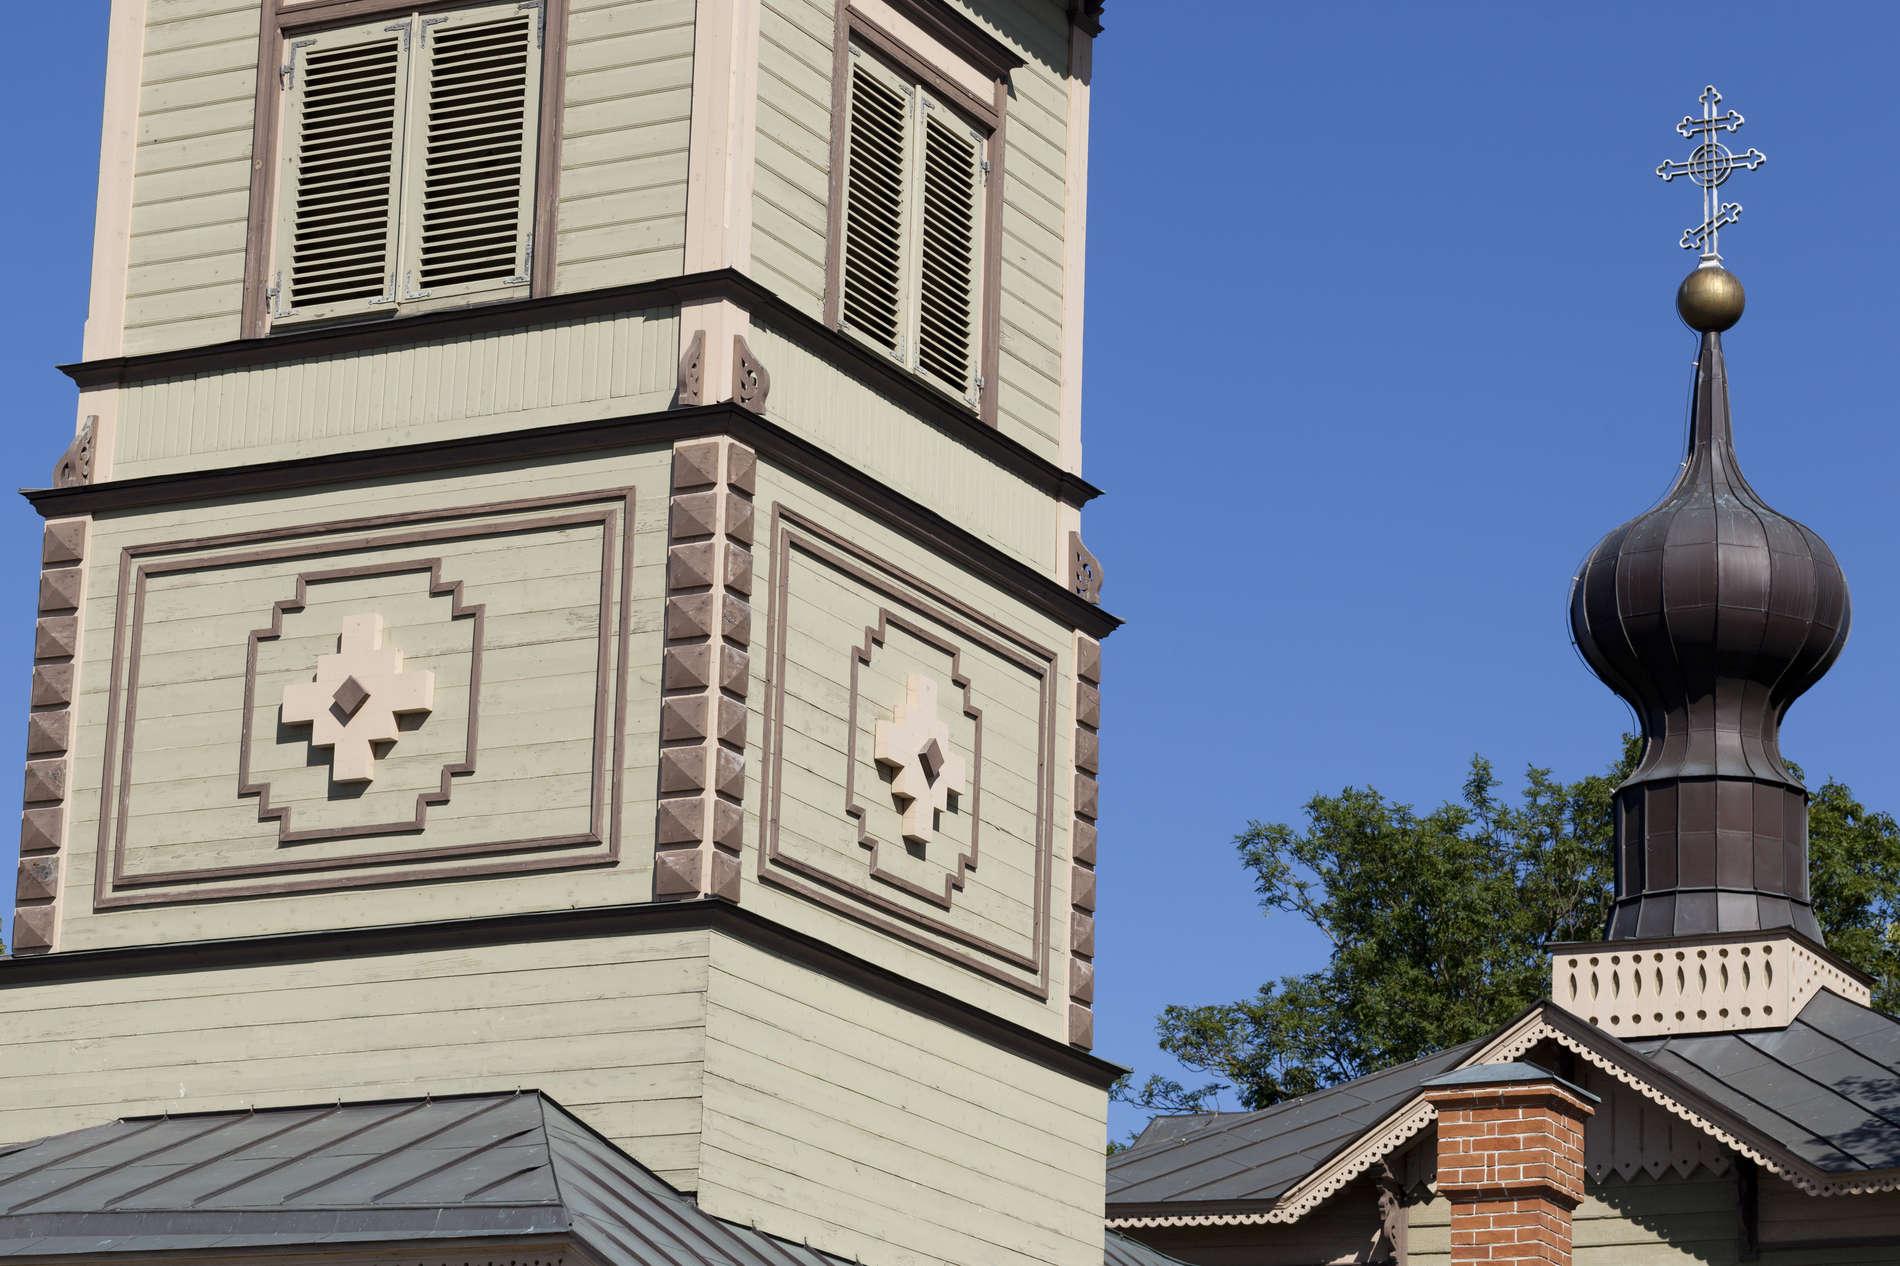 Church of St. Simeon and the Prophetess Hanna in Tallinn, Estonia